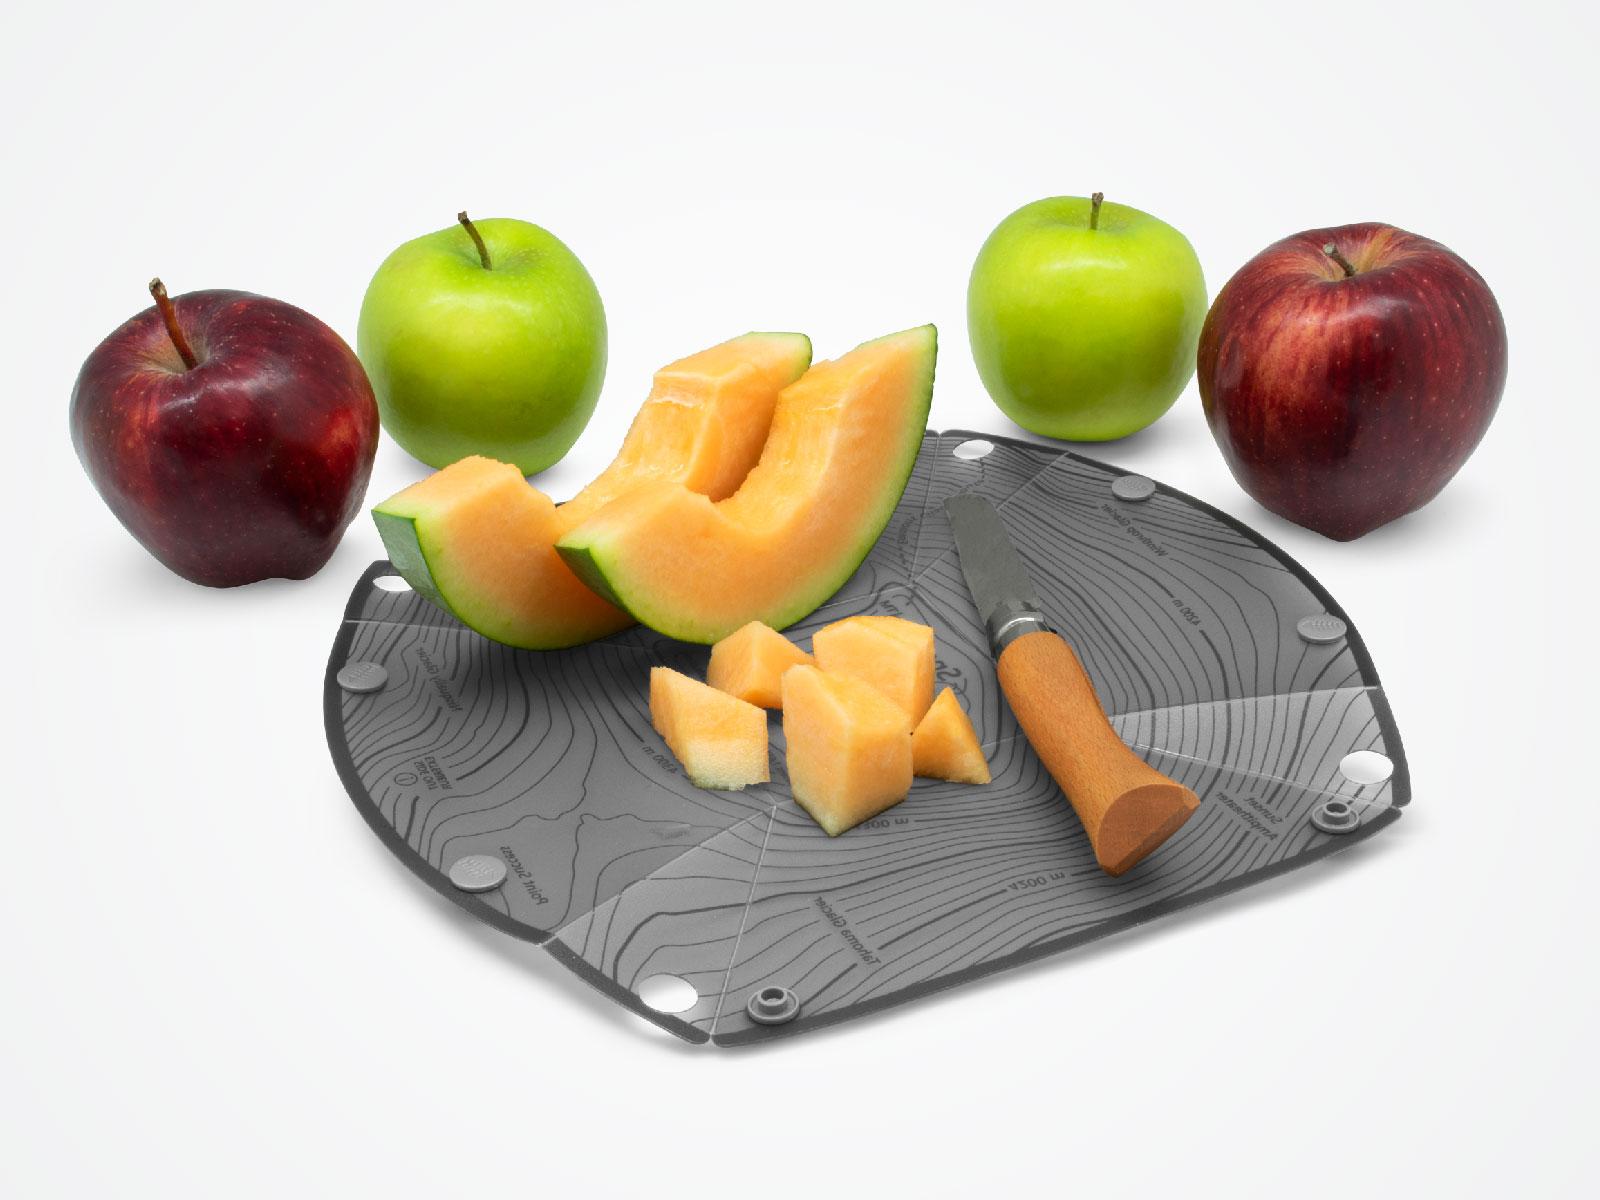 Bowlz - Cutting board